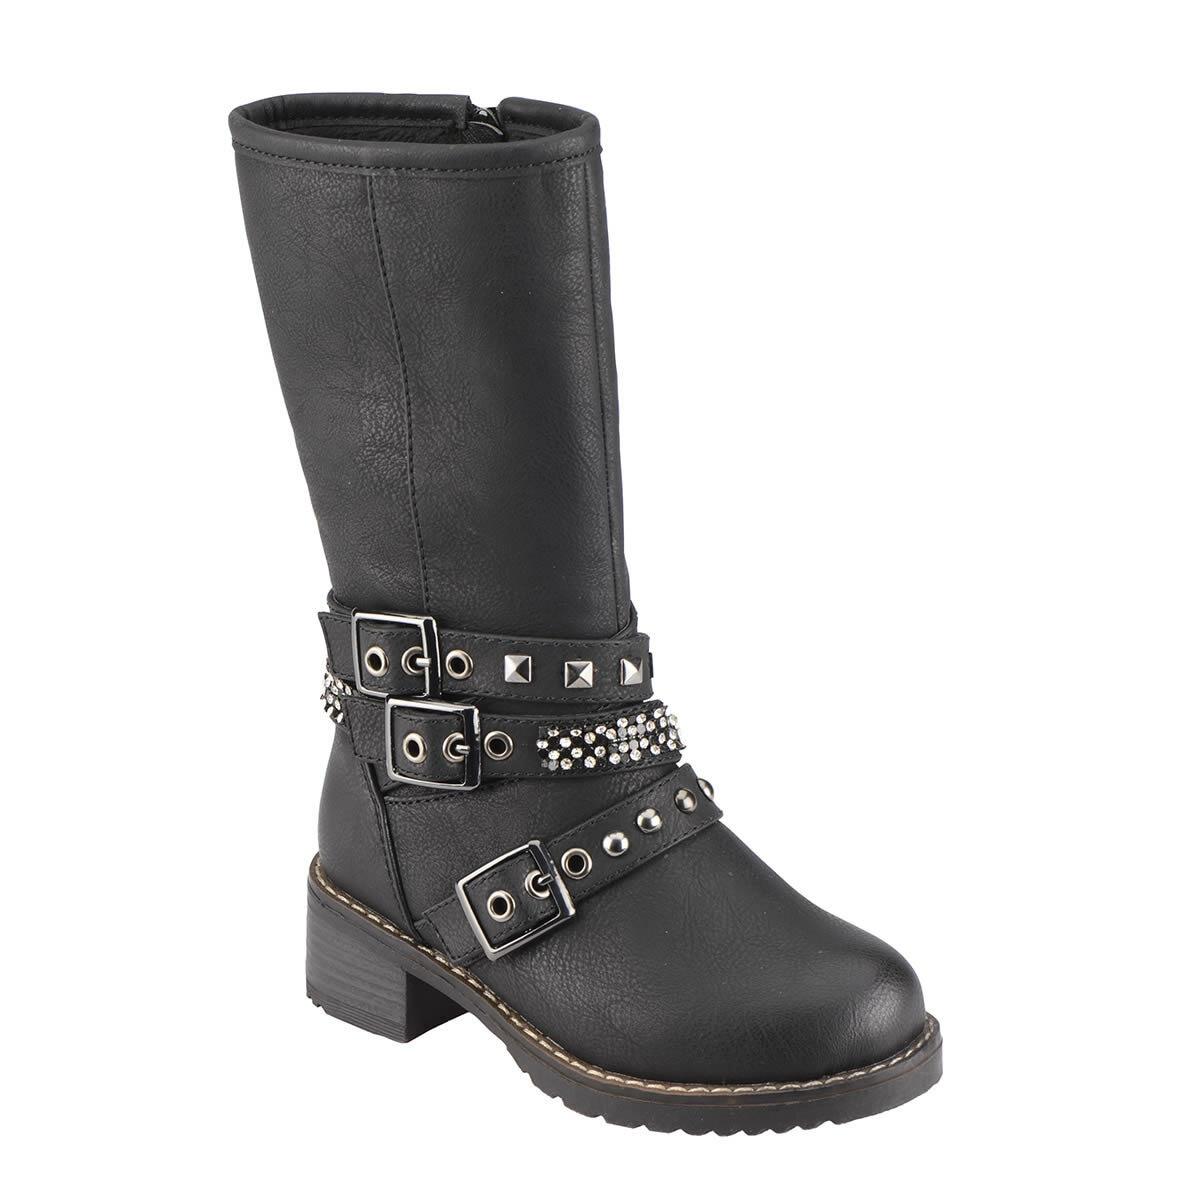 FLO 52.506649.P Black Female Child Boots Polaris